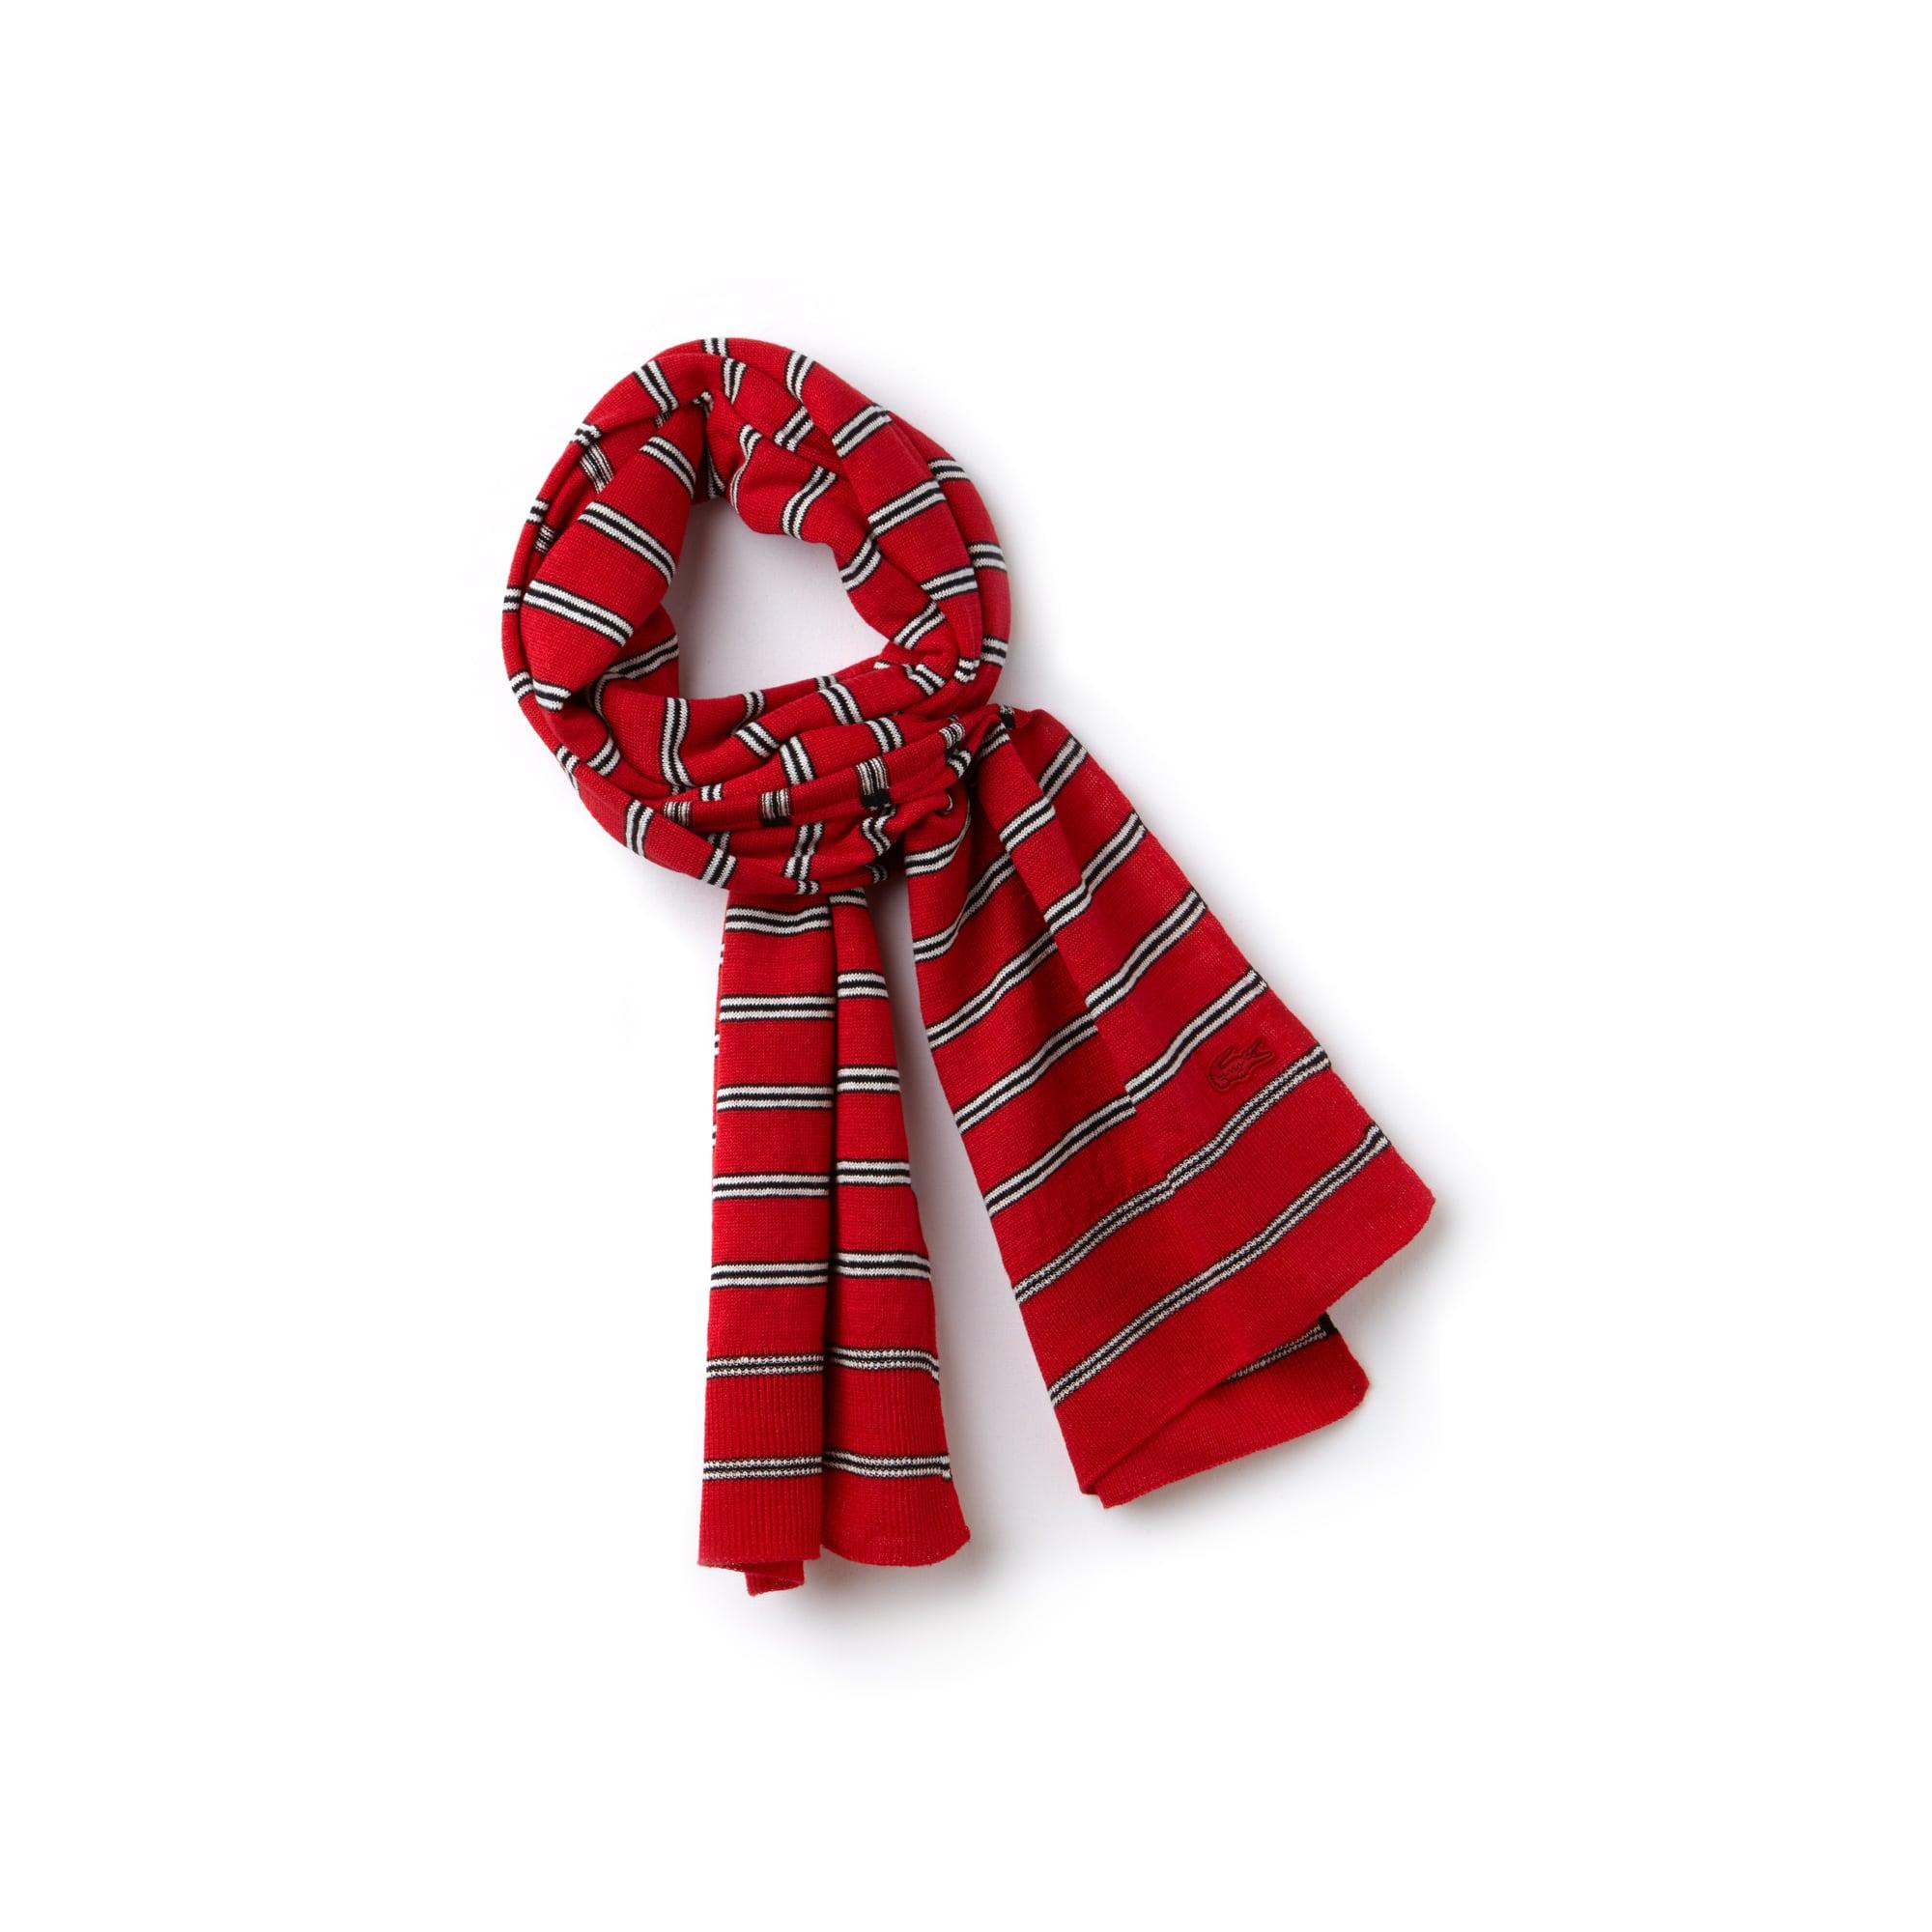 Écharpe en jersey de coton et lin à rayures